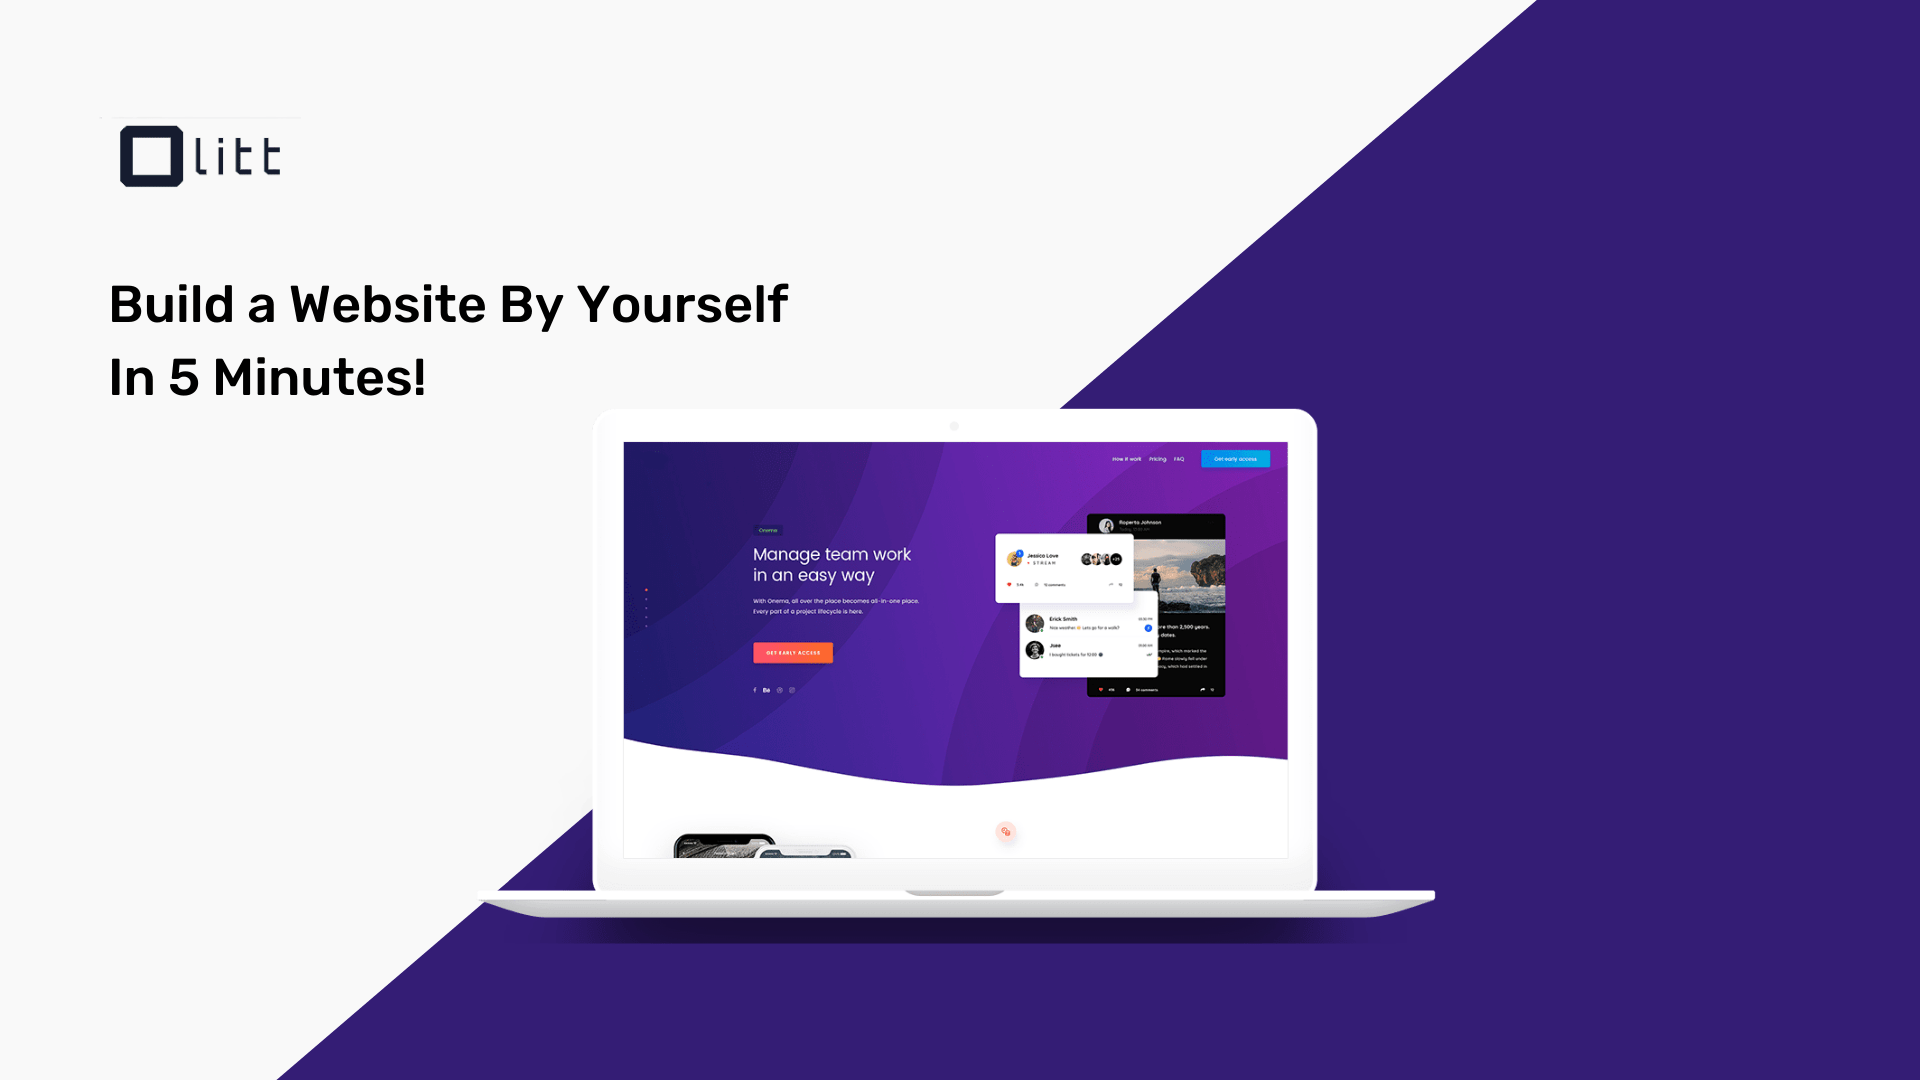 Olitt | #1 Best Website Builder 2